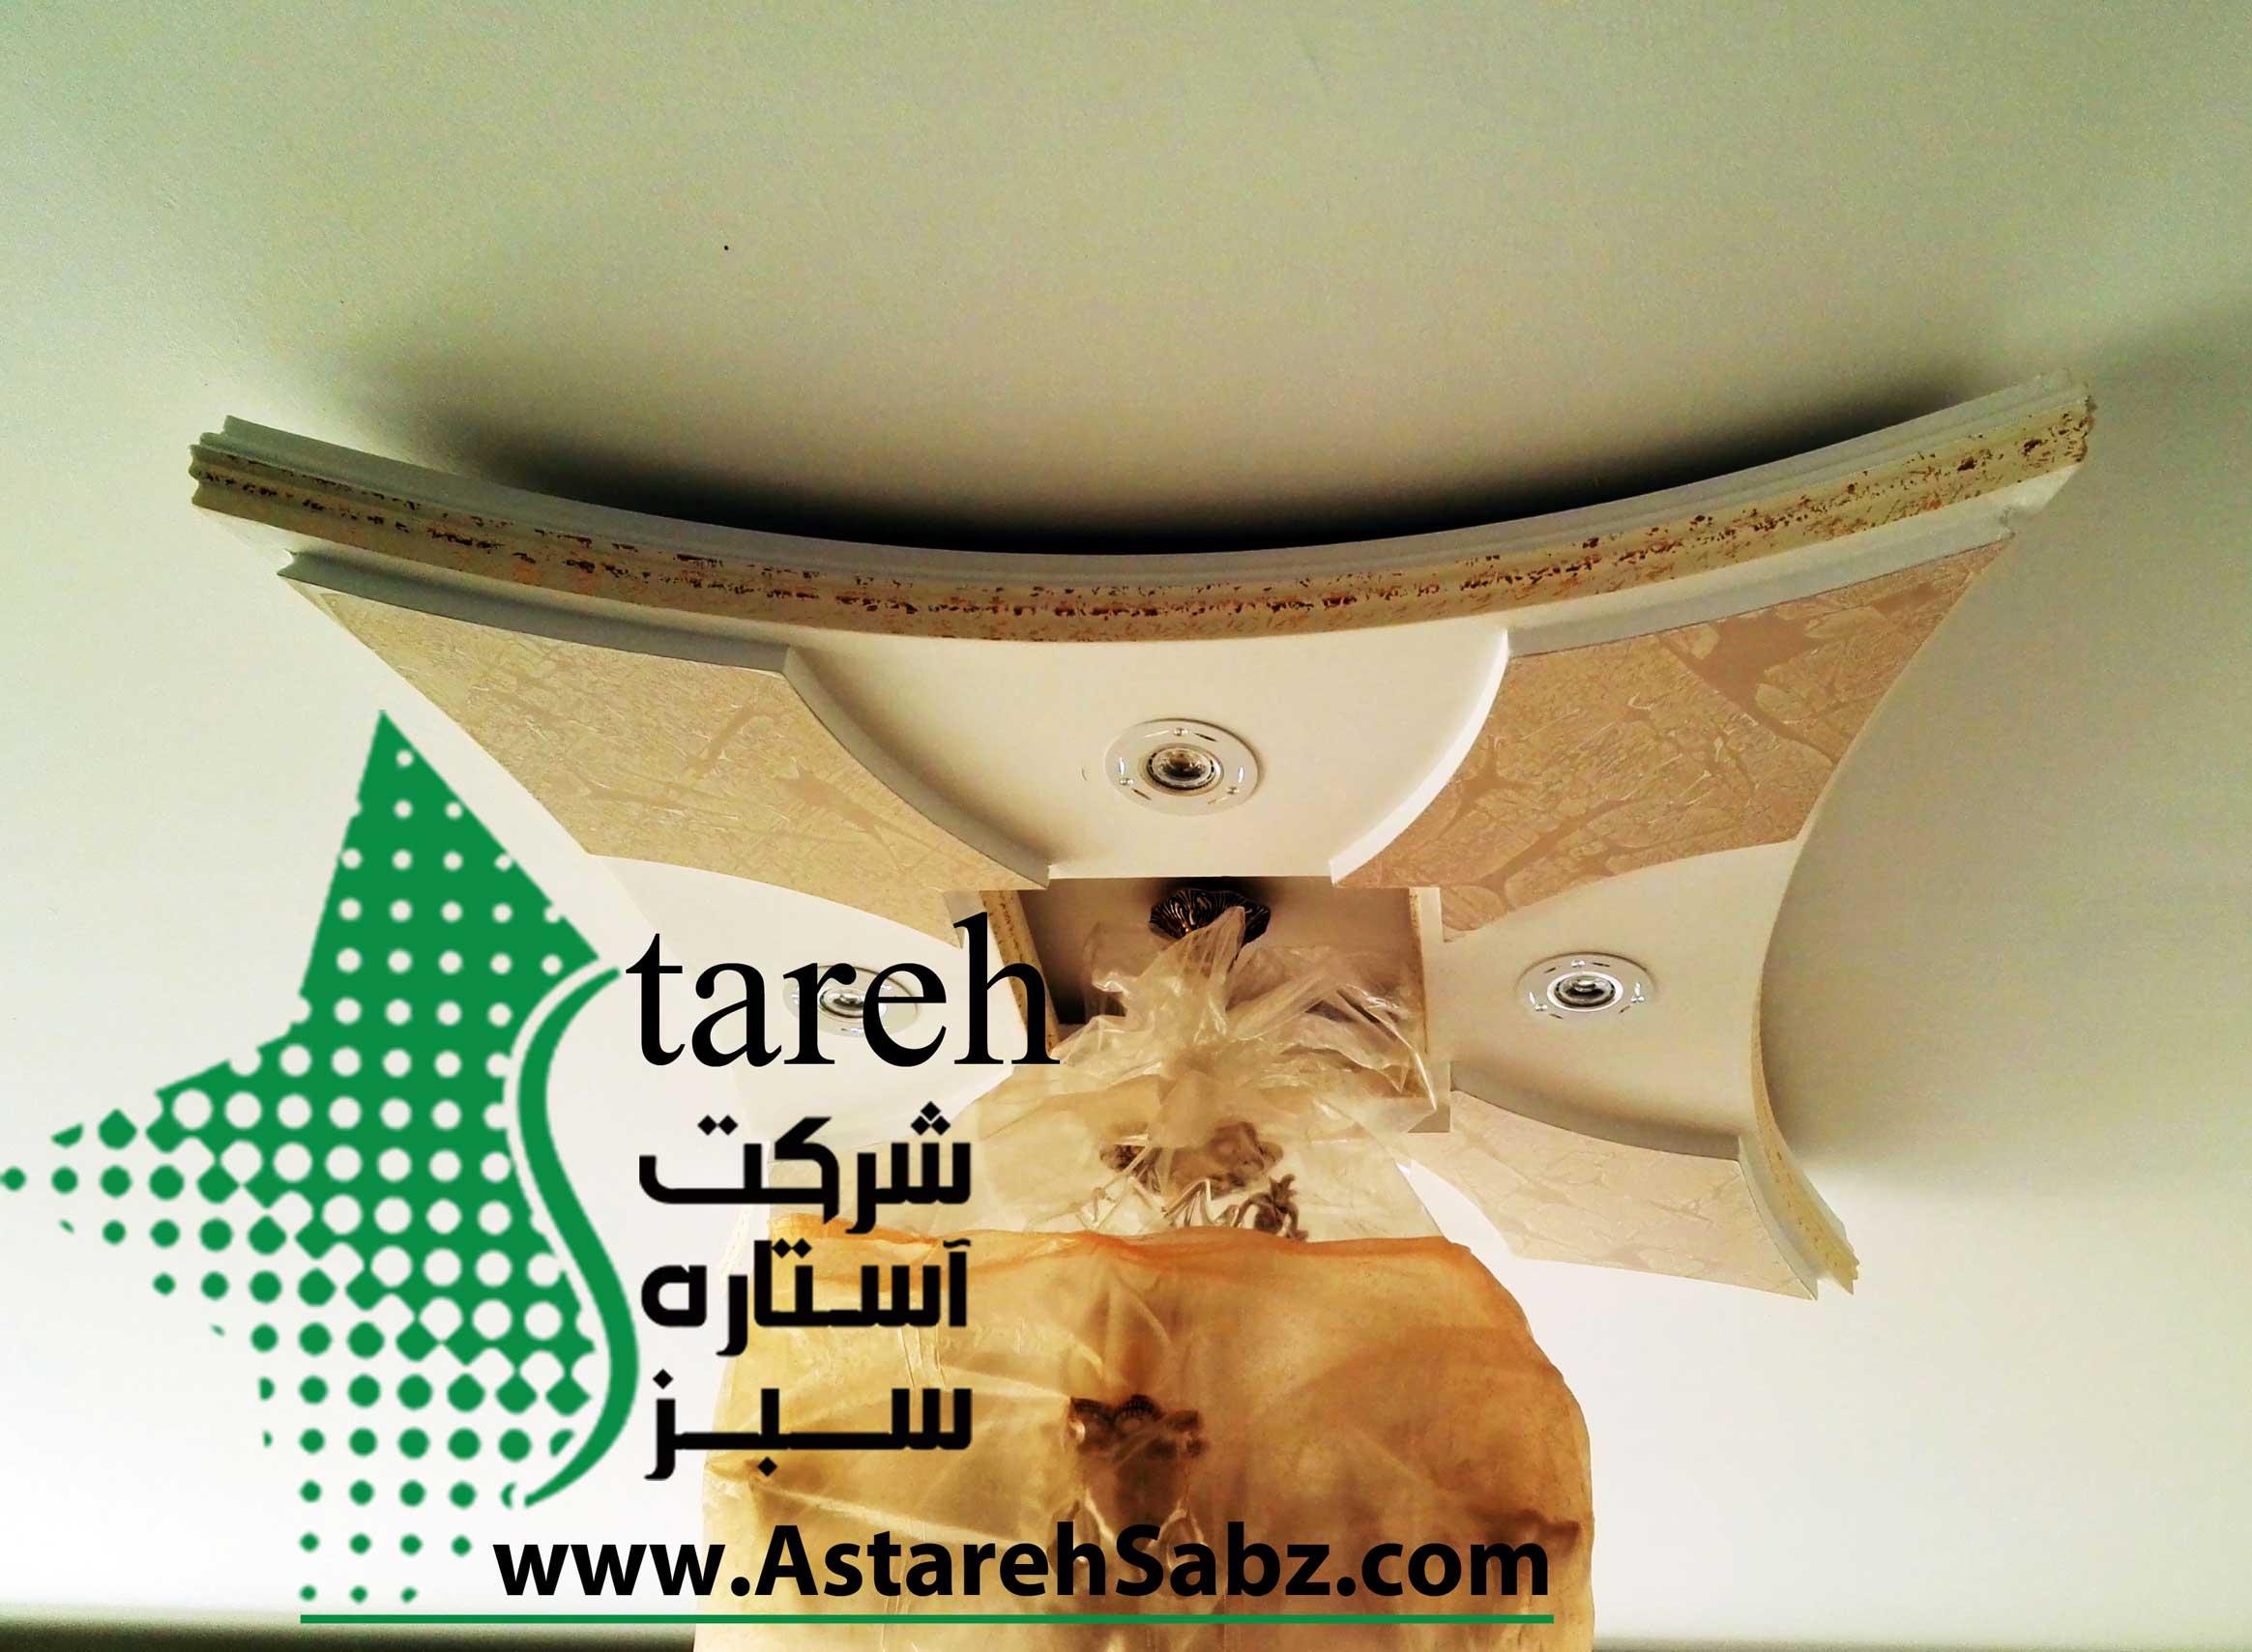 (Astareh Sabz (231